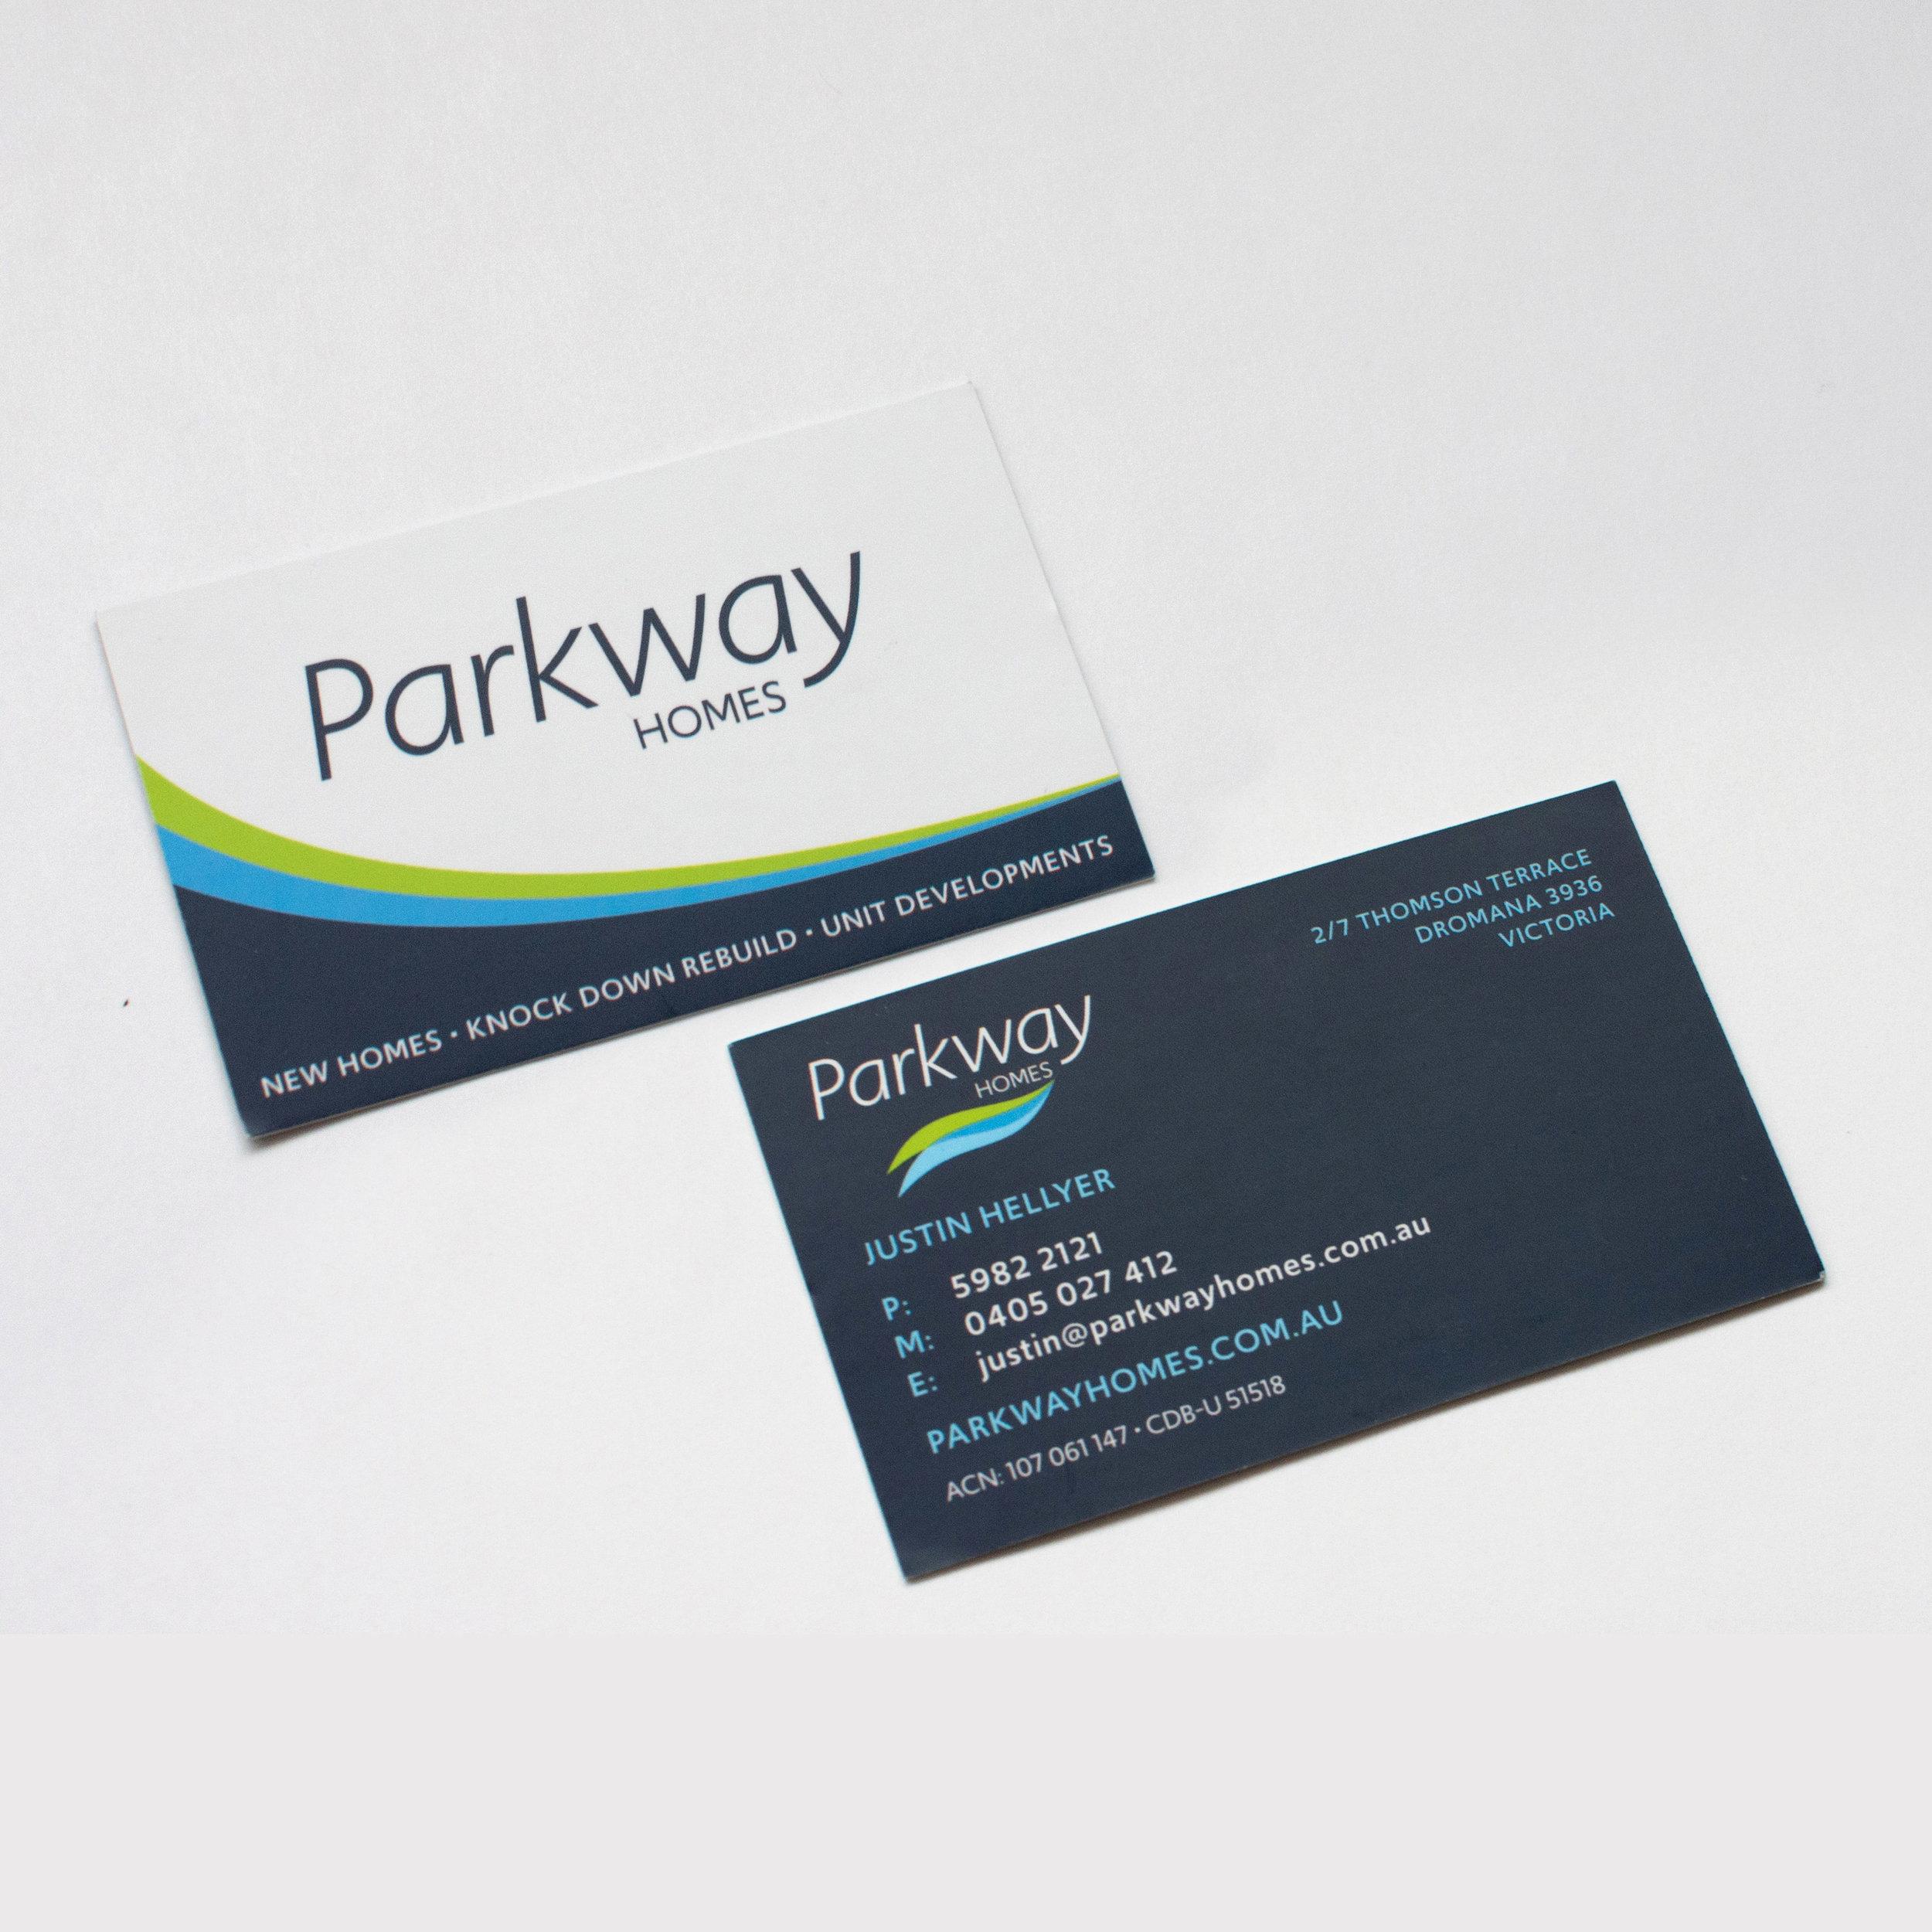 parkwayhomes.jpg